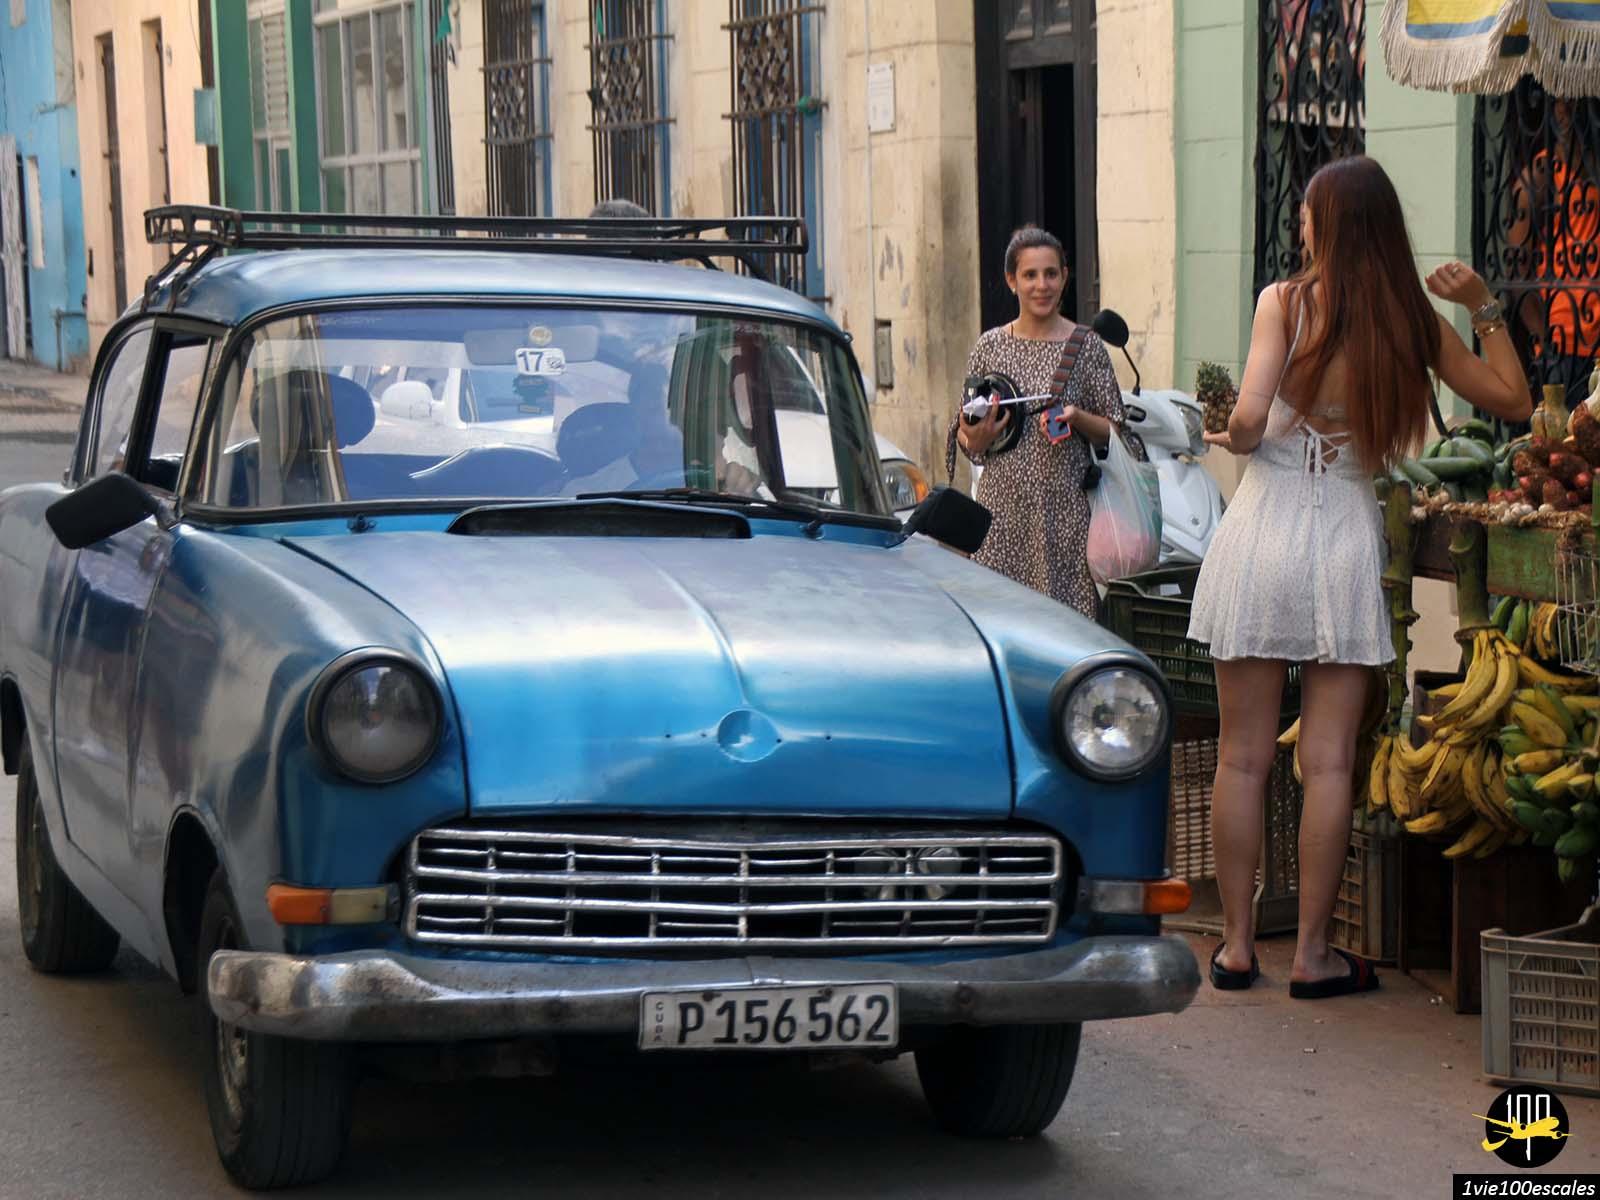 Une séance photo dans les ruelles de la vieille havane à Cuba